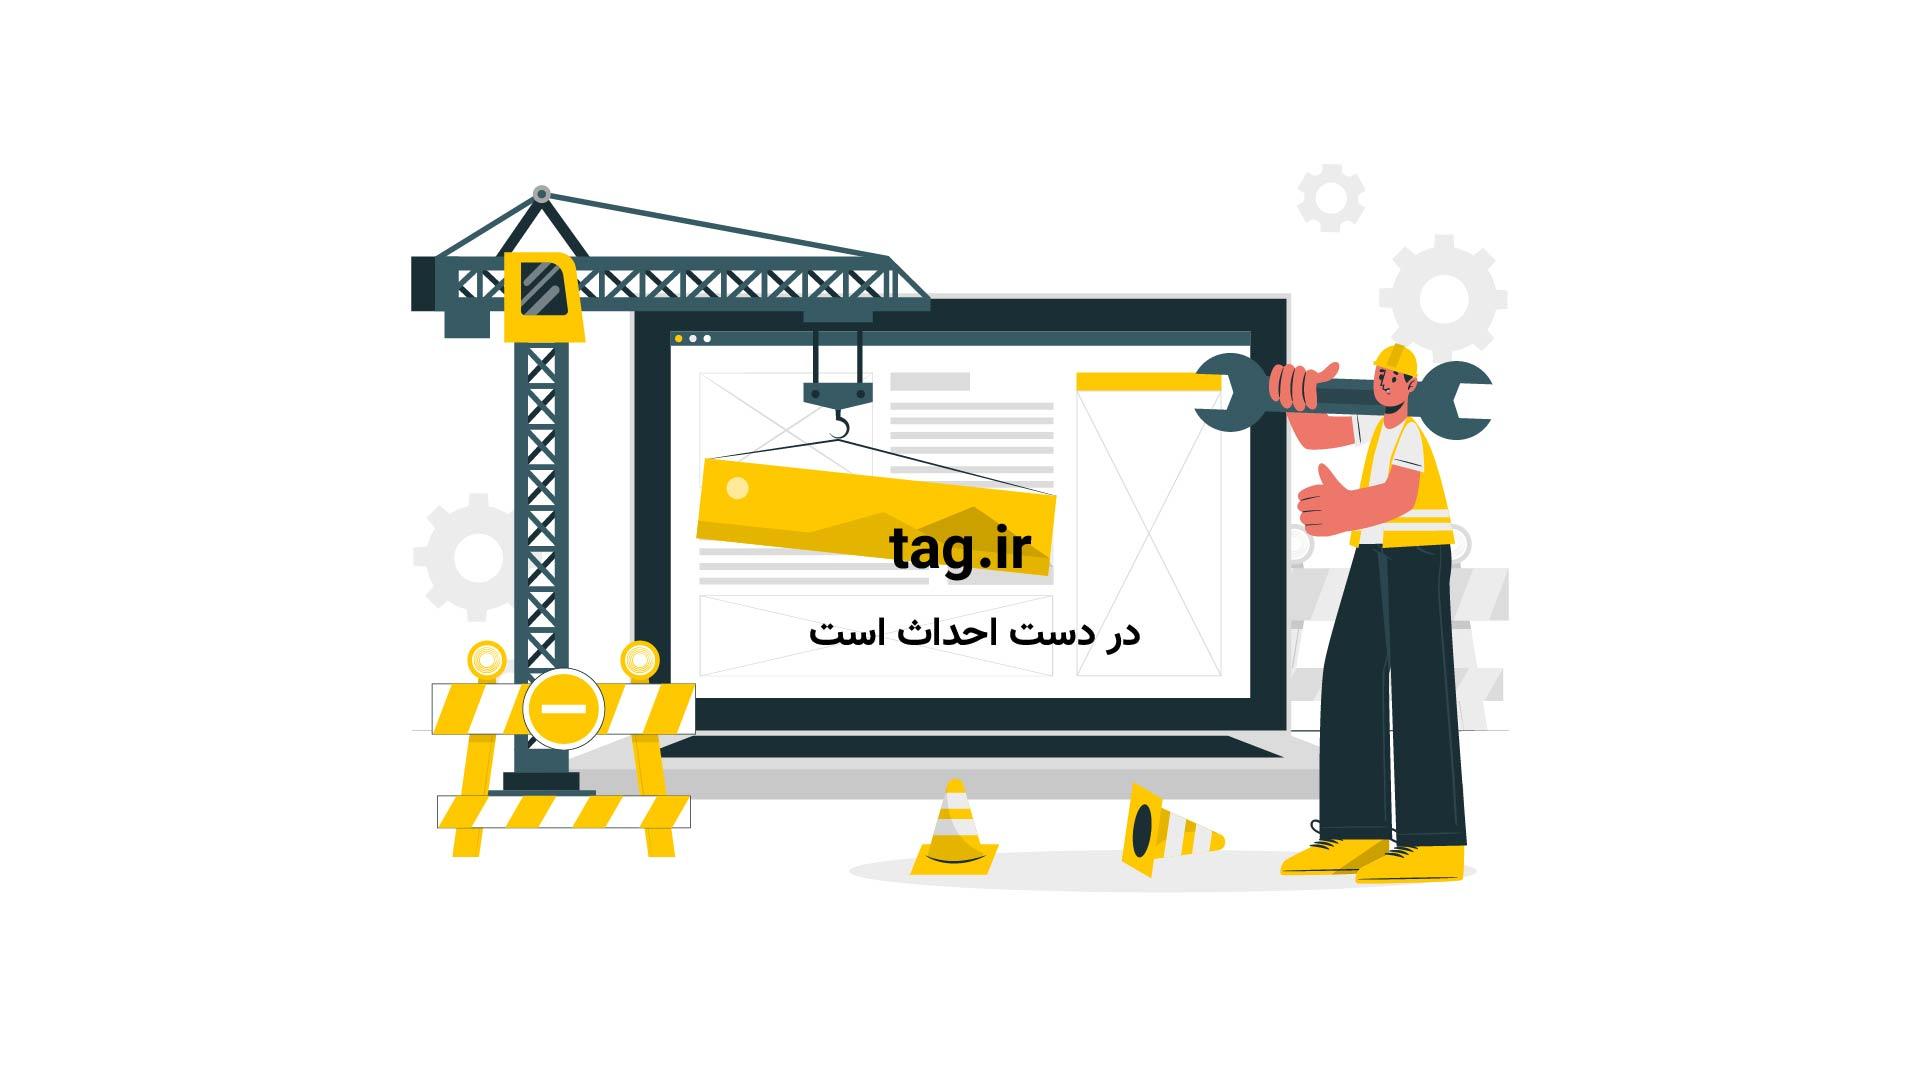 کیک شکلاتی ترافلی |تگ